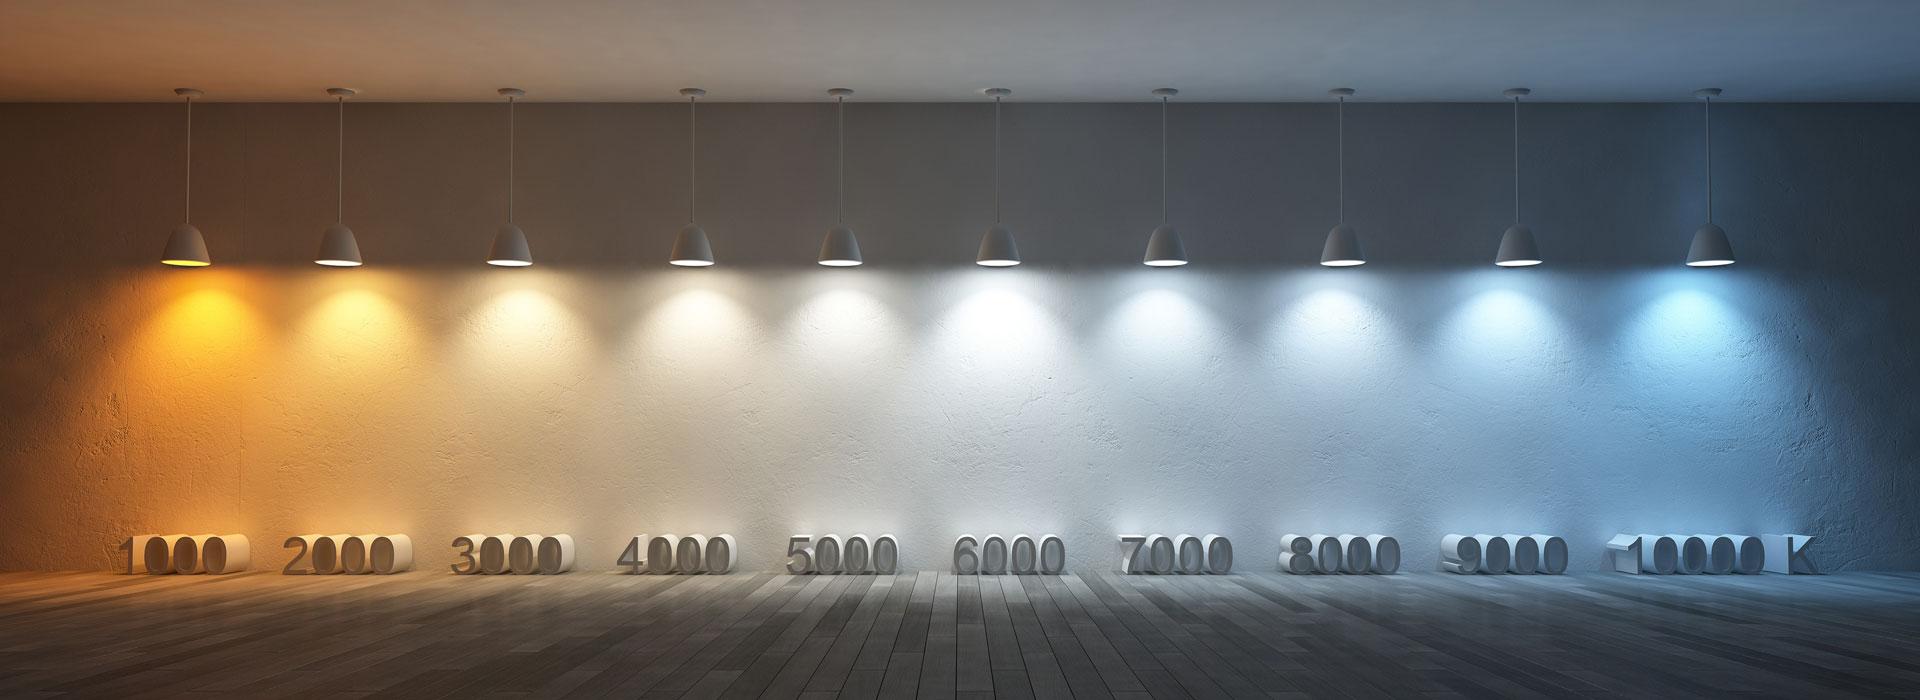 slider-iluminacion-led-2